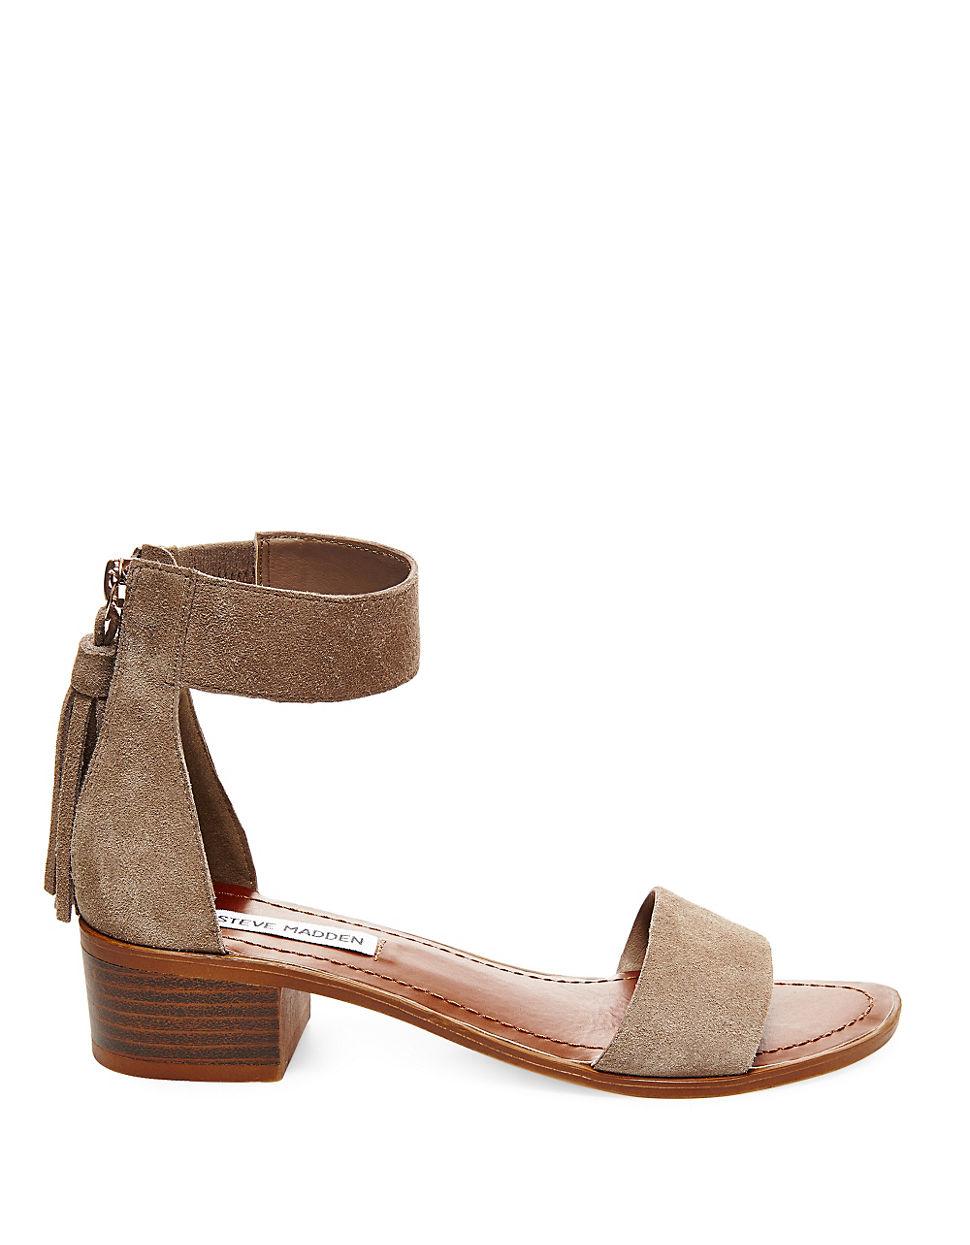 lyst steve madden darcie suede sandals. Black Bedroom Furniture Sets. Home Design Ideas